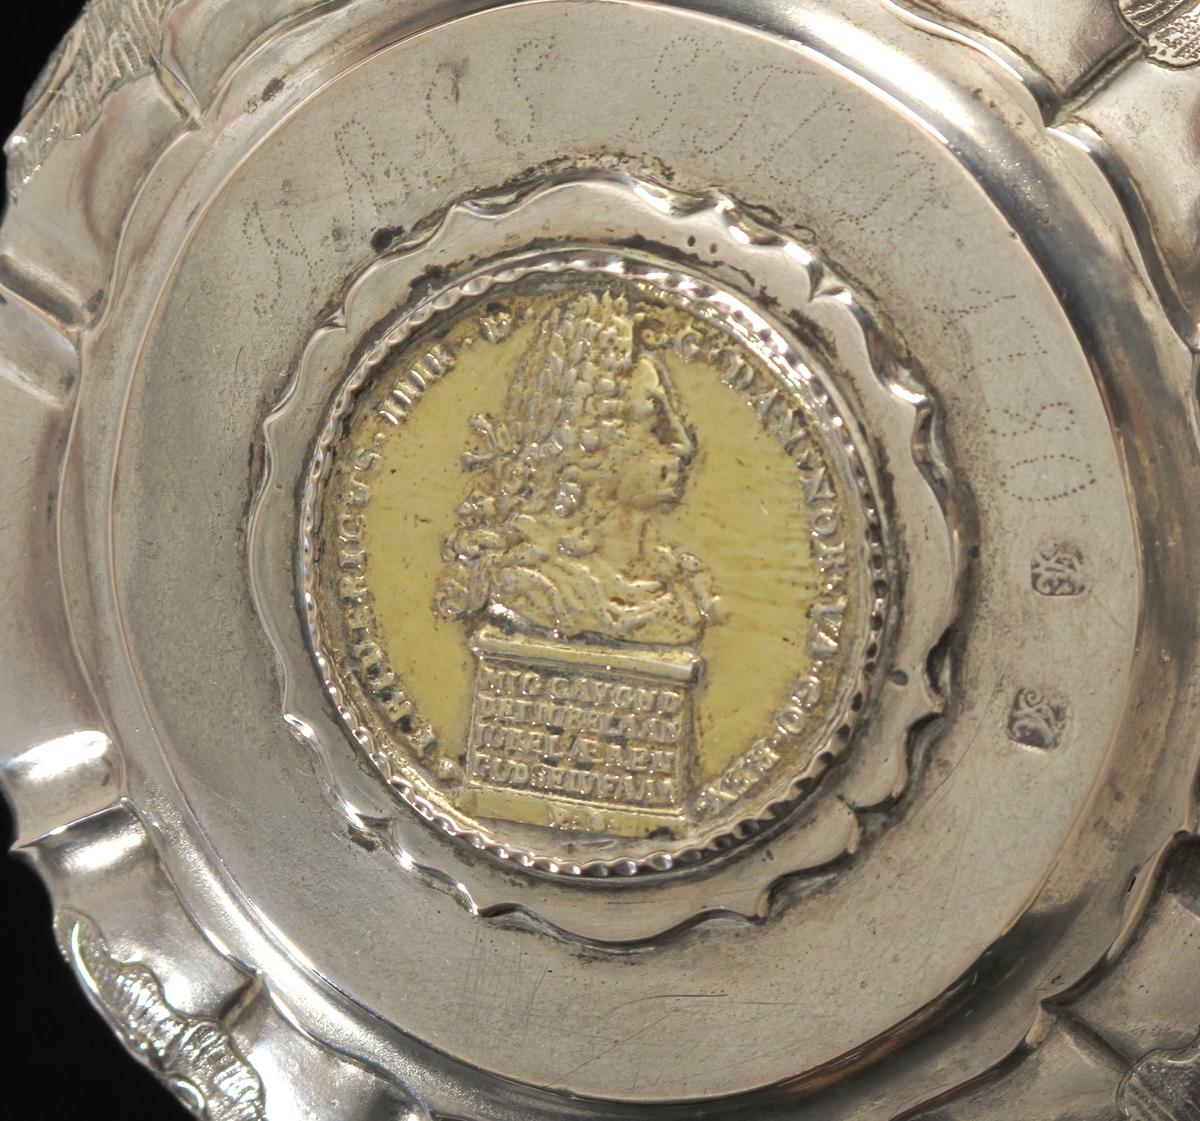 Stentøykrus m. lokk, 1780  sølv, rokokko,    Buet kant m. rette knekk, i annenhvert mellomrum  drevet og siselert rokokkokartusj, opphøyet lokkflate  m. mynt i sirkelrund innfatning m. profilert omriss,  havhest som lokknapp, rundt mynten, F4`s minnemynt om reformasjonen (AAM 2312), Eierinitialer innprikket i lokket, utydelig stempel på undersiden.   Lokket montert på stentøykrus,  brunt, rillet nederst, derpå glatt felt,  så lyst rillet feldt., buet, profilert hank.   Tilst juni 1961: God.